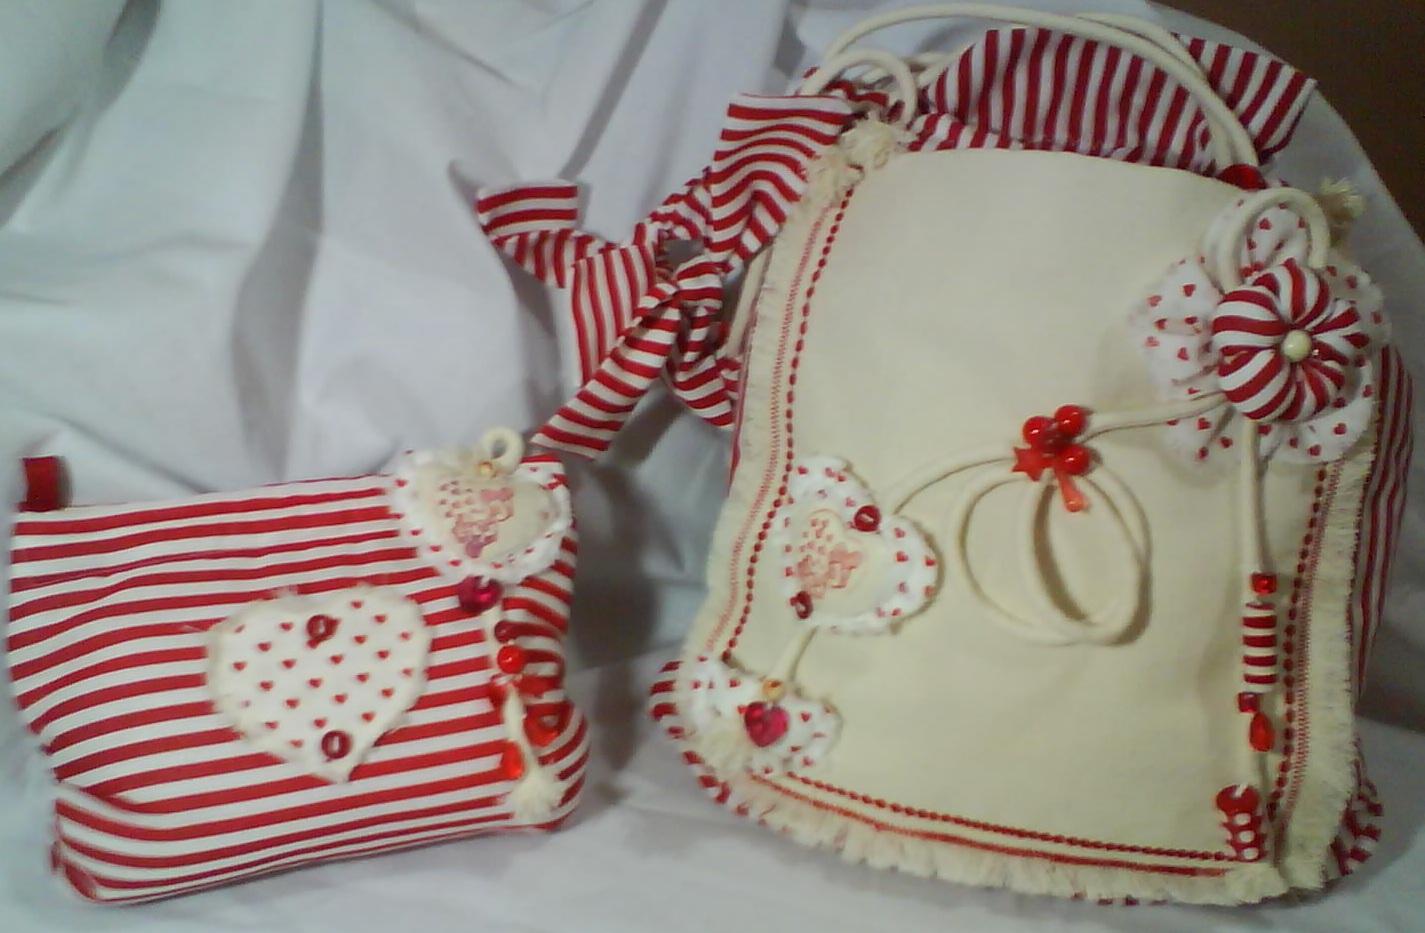 3eabfeb1a Artes Somente Artes . Cristina Peixoto: Bolsa e necessaire de tecido.